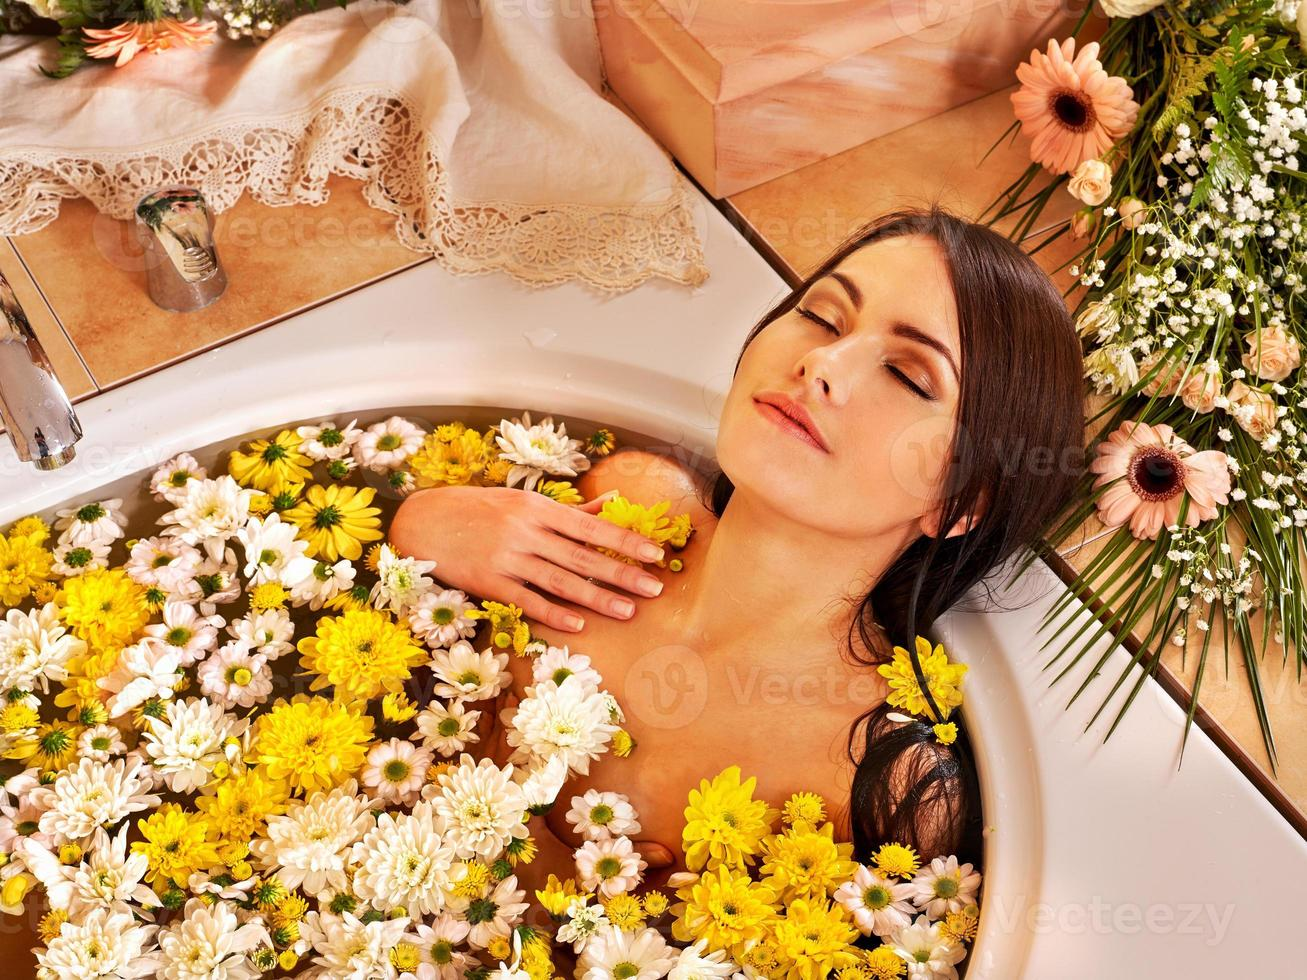 mujer en spa de lujo foto